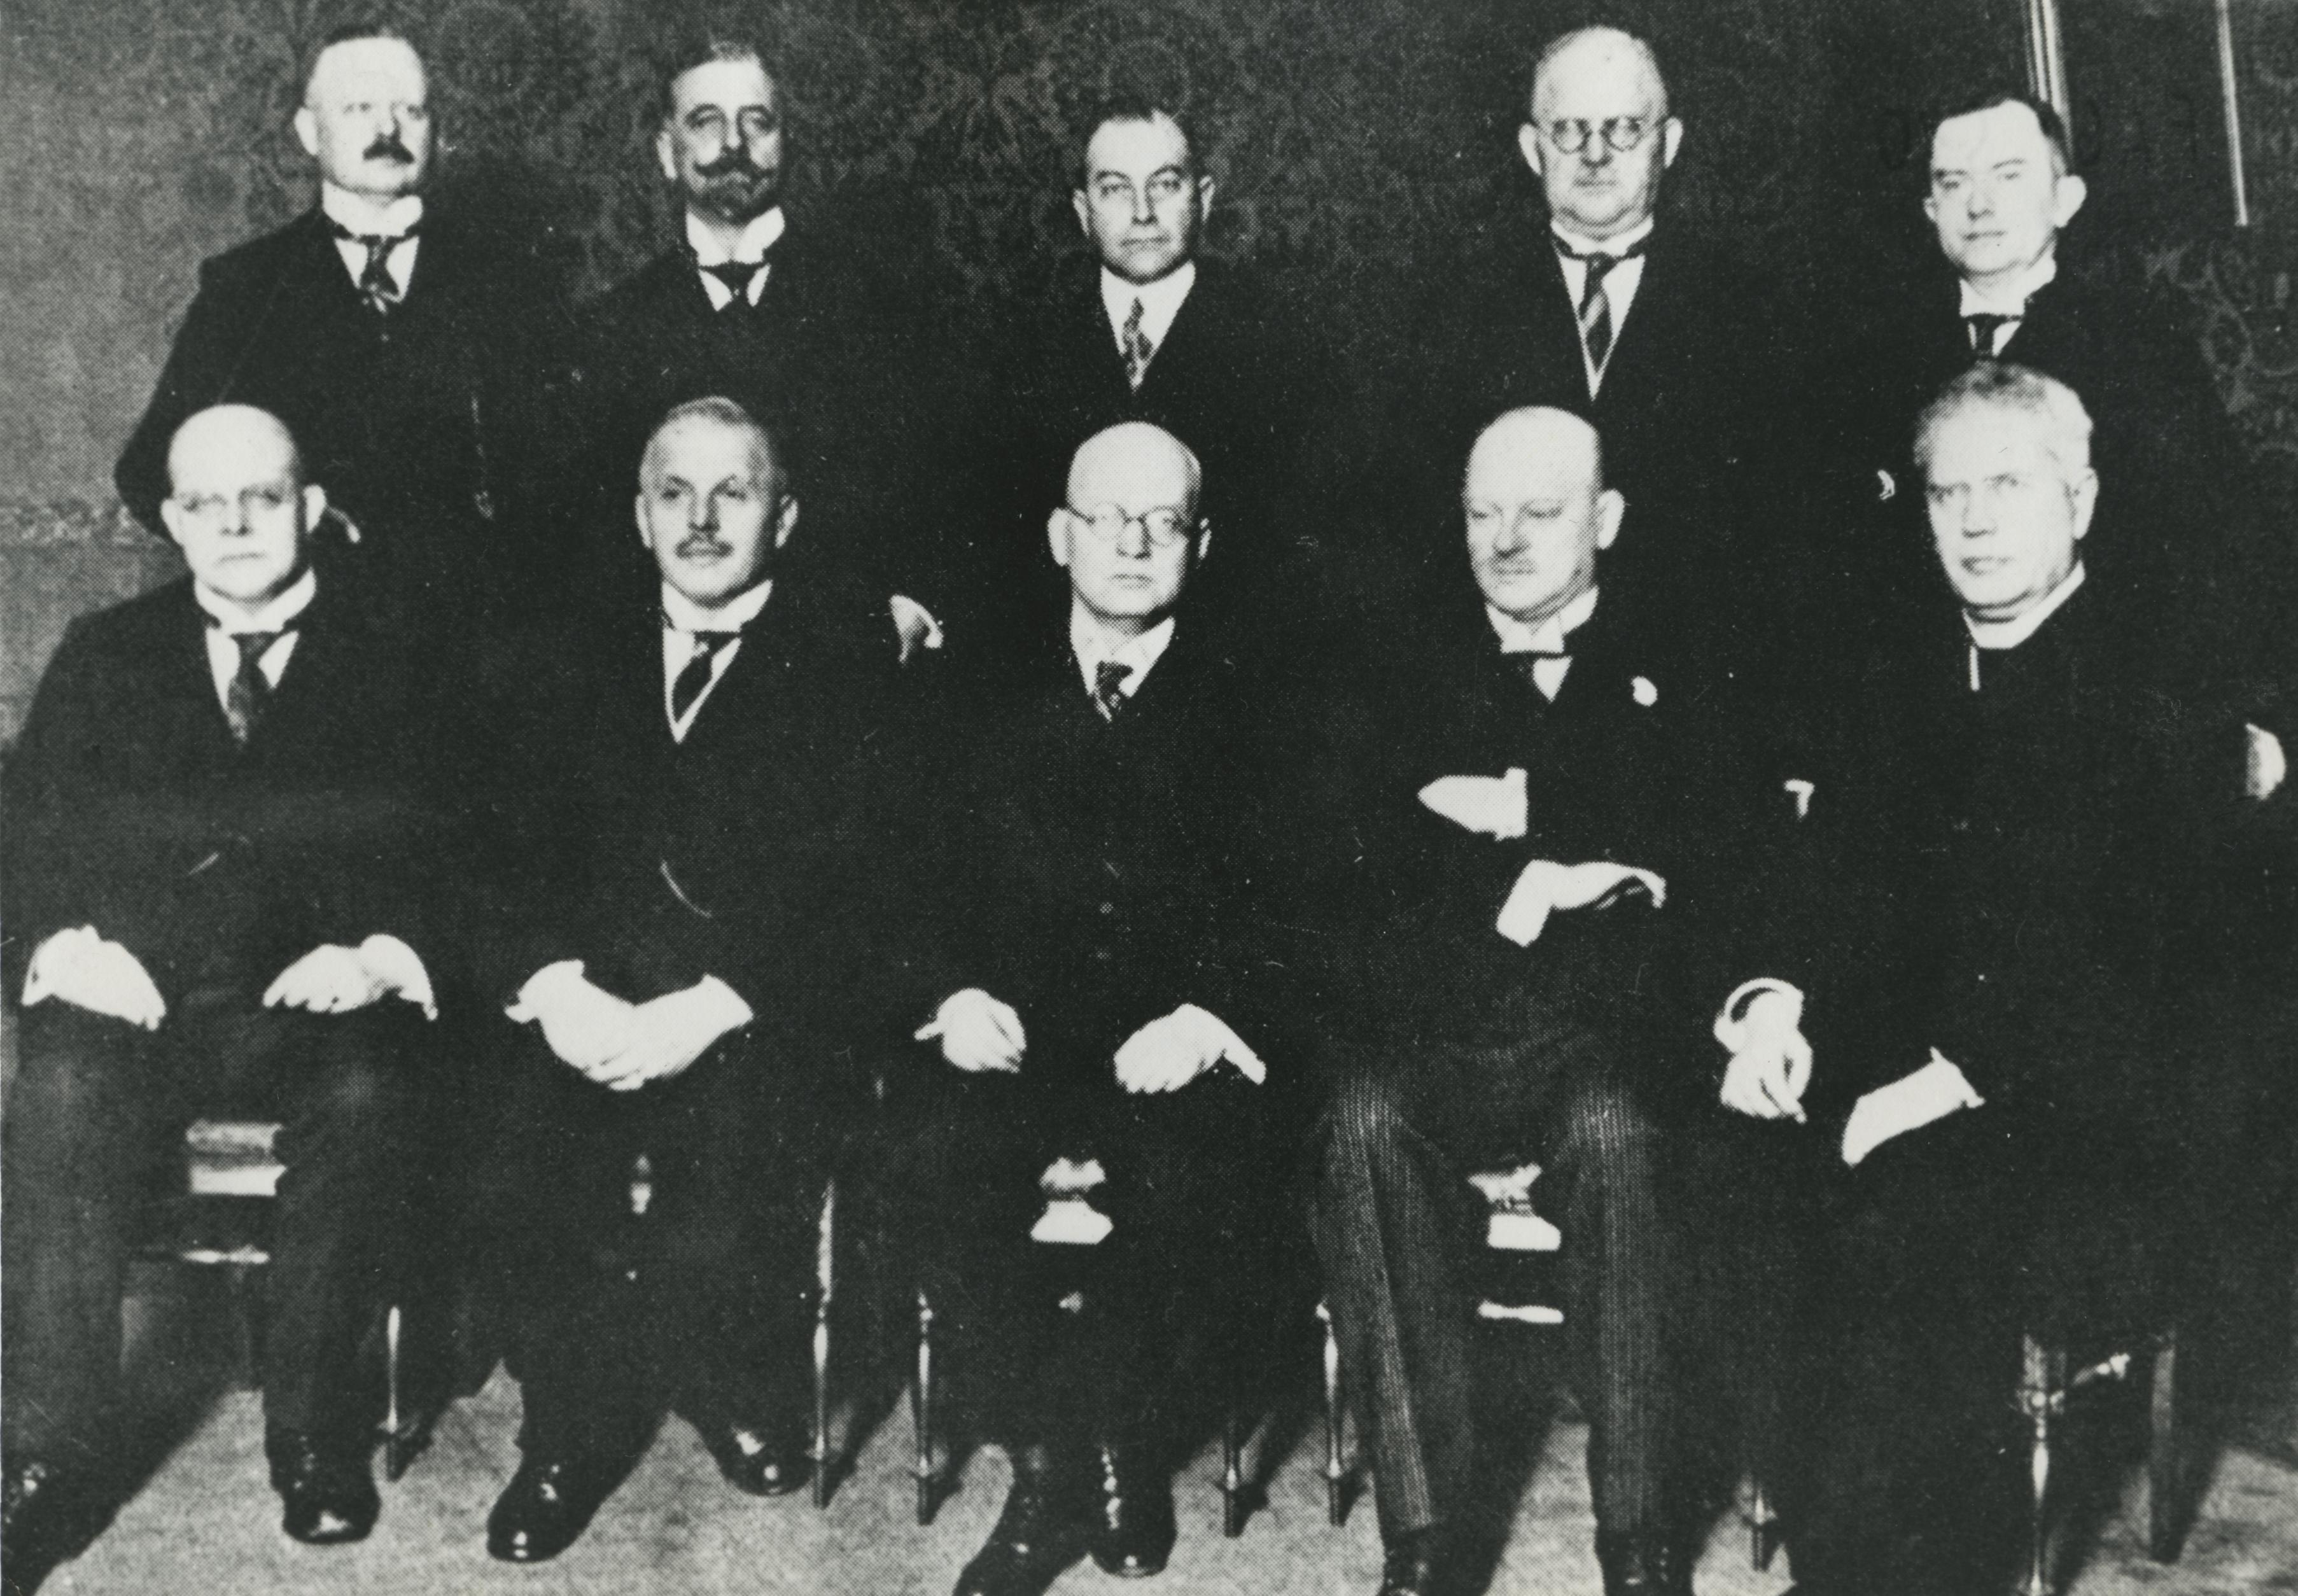 das zweite kabinett luther 1926 - Was Ist Ein Kabinett